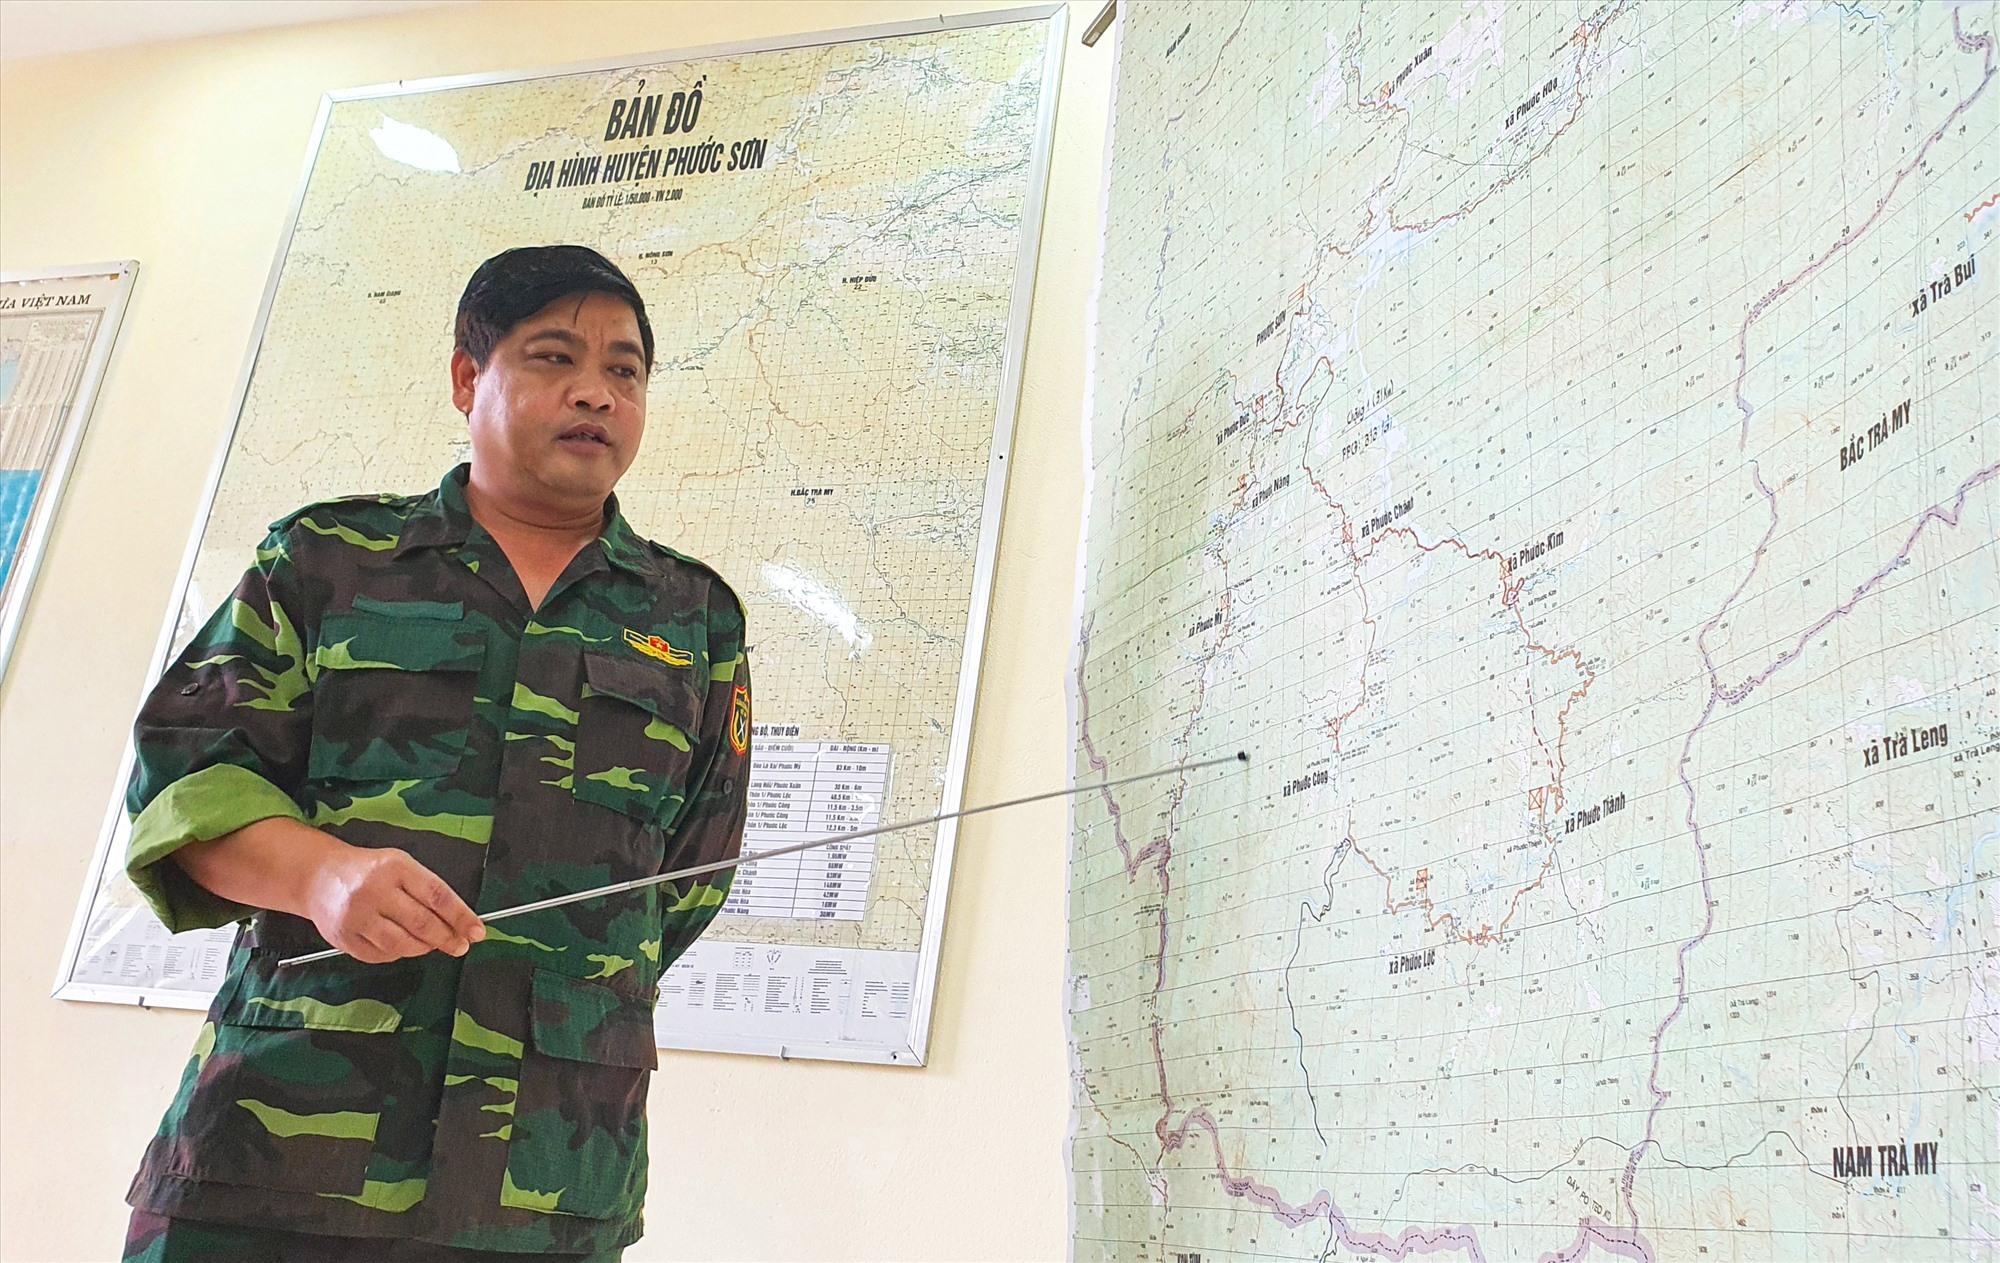 Trưởng Ban Nội chính Tỉnh ủy Nguyễn Mạnh Hà nêu phương án dùng lực lượng tại chỗ gùi cõng lương thực thực phẩm và đưa vào các xã cô lập bằng ròng rọc. Ảnh: T.C